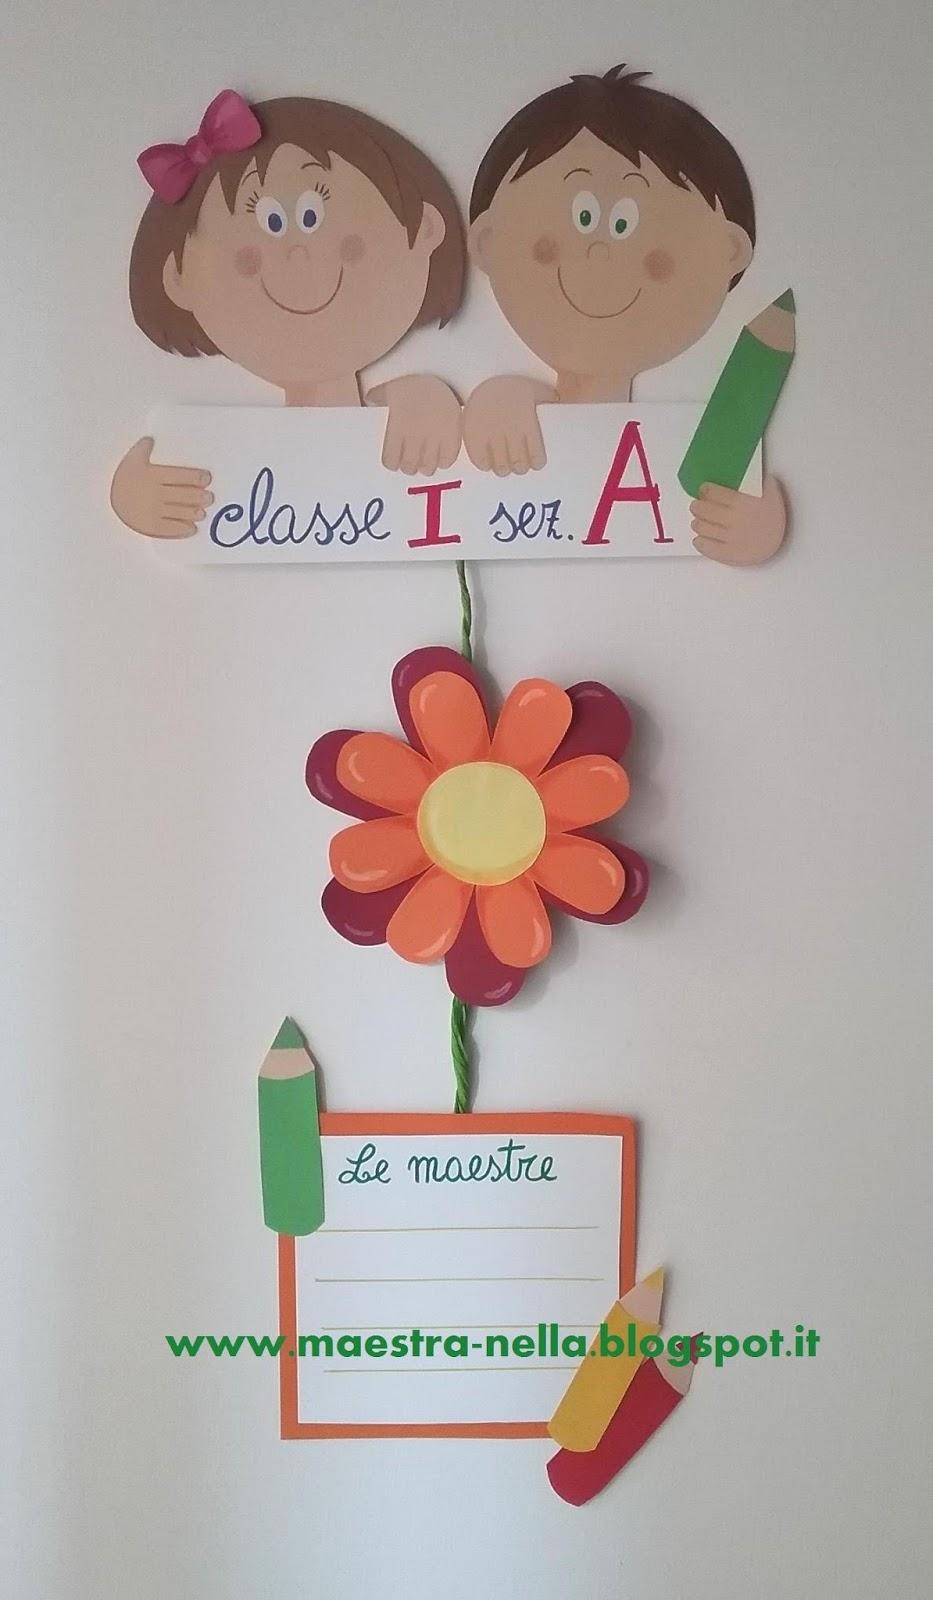 Maestra nella for Idee per l accoglienza nella scuola dell infanzia